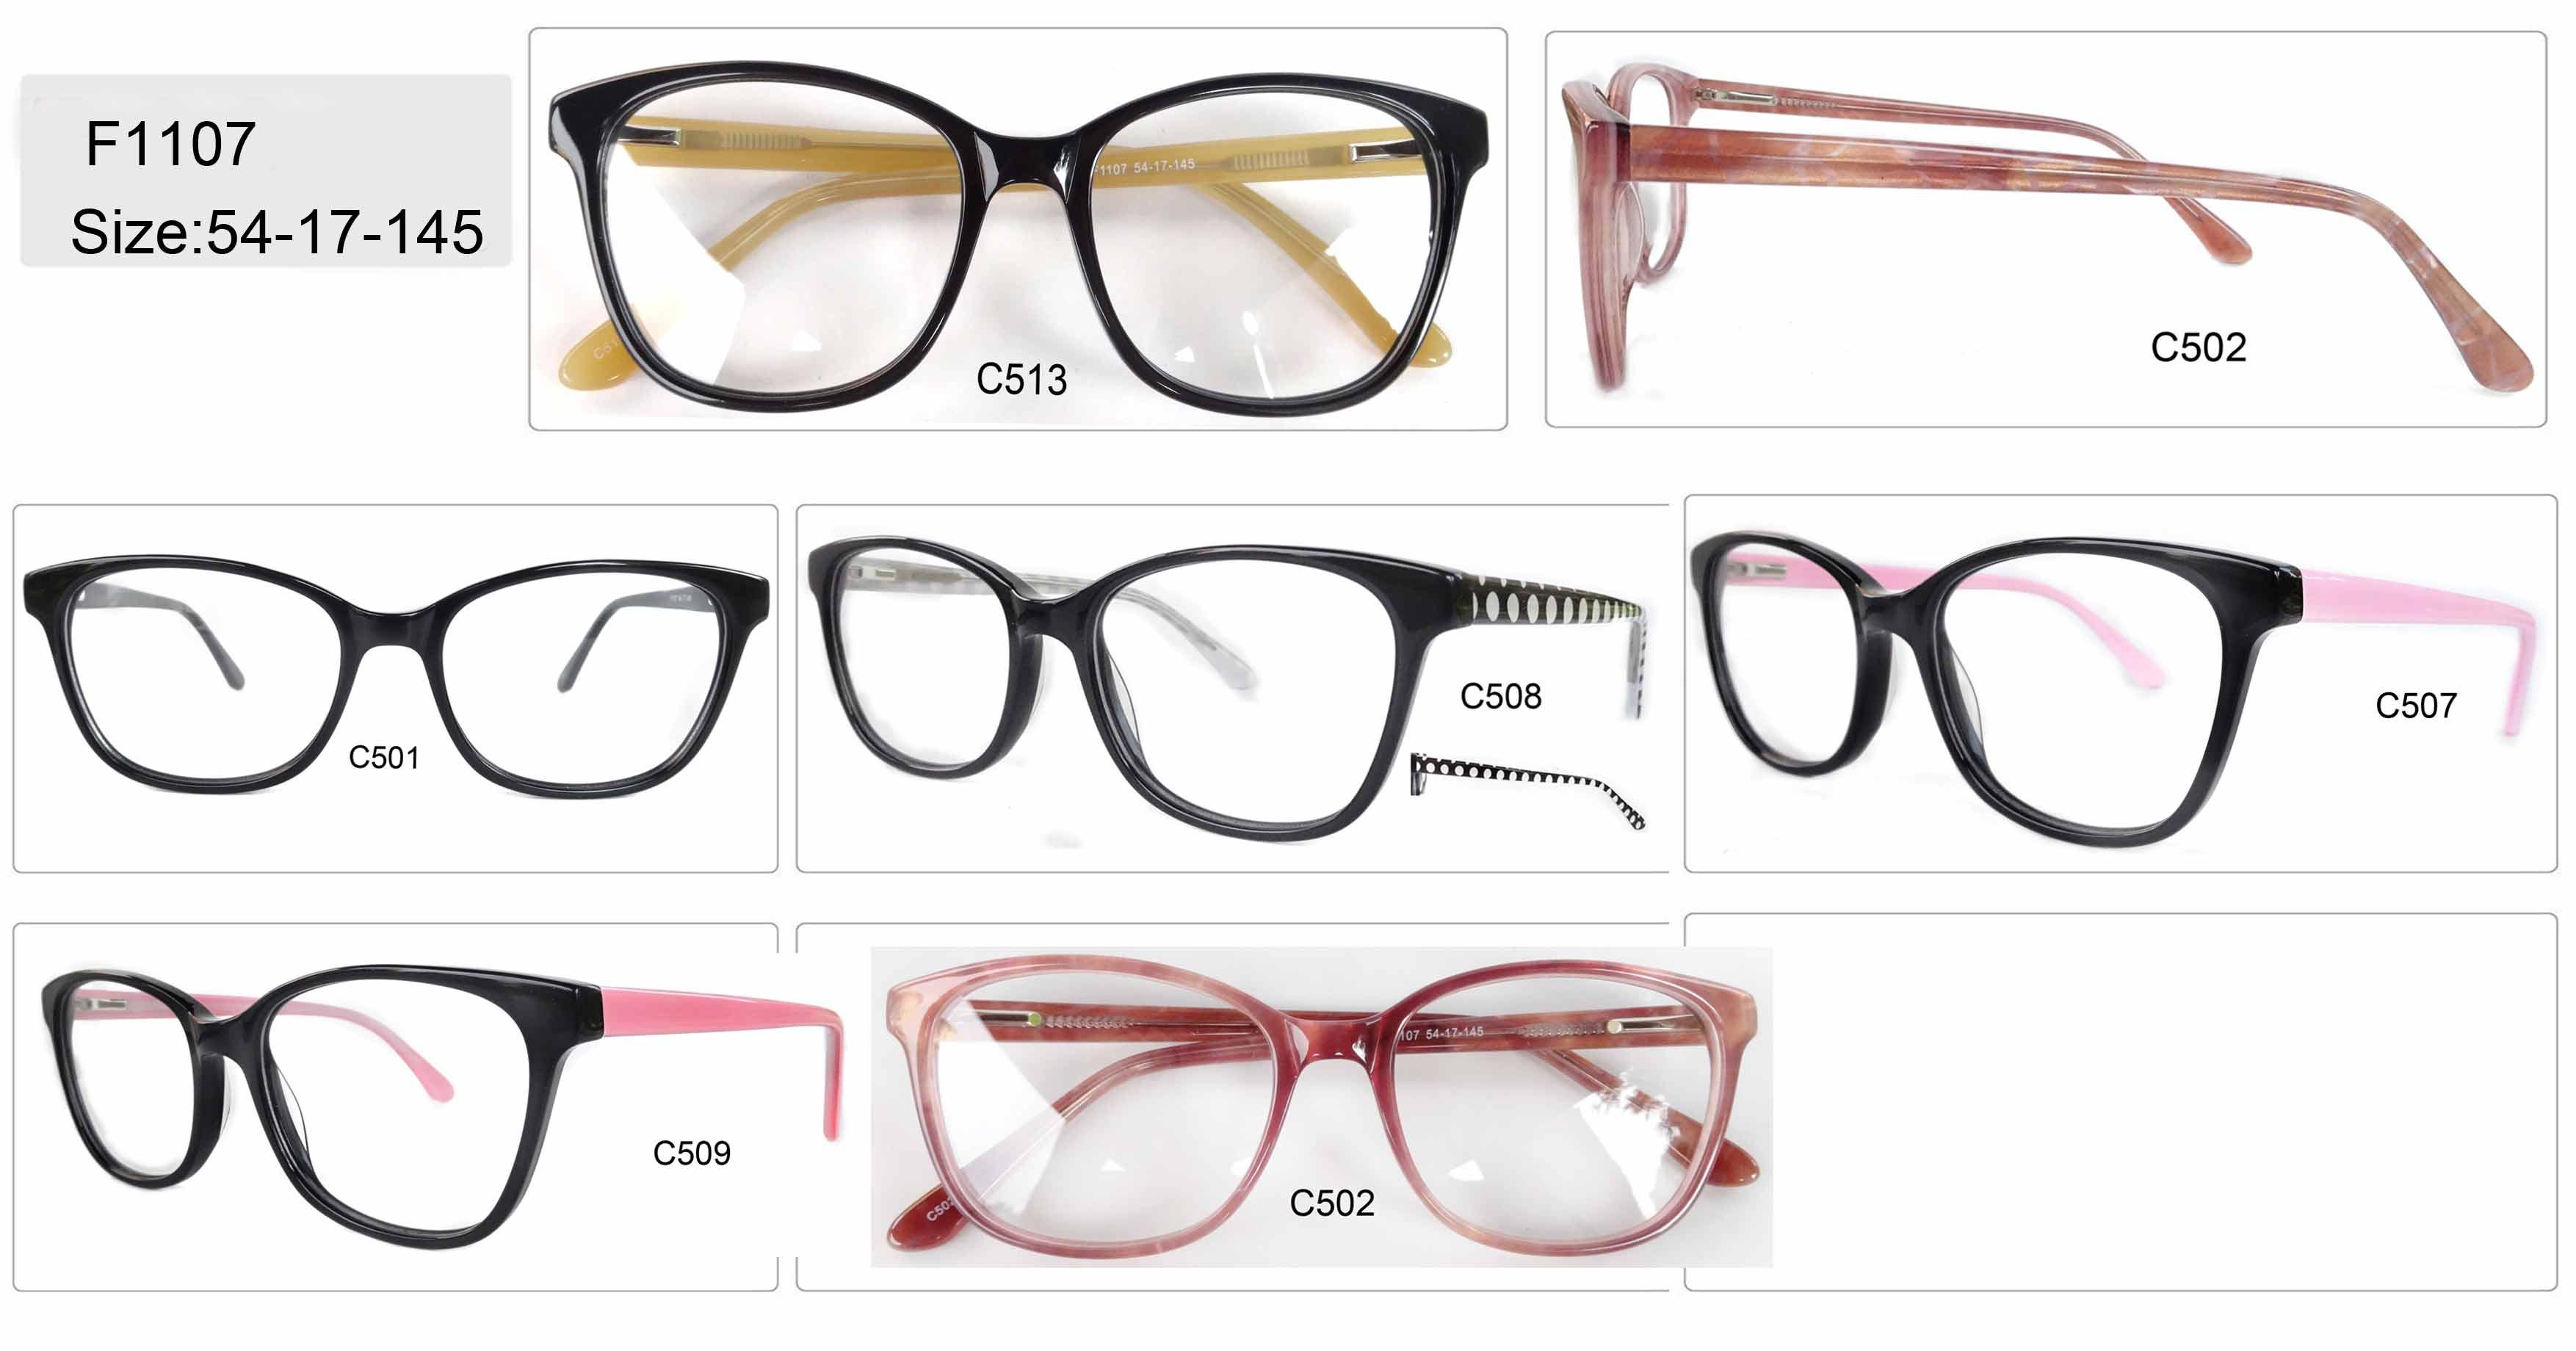 Acetate regular stock eyeglasses frames, optical frames, eyewear, spring hinge